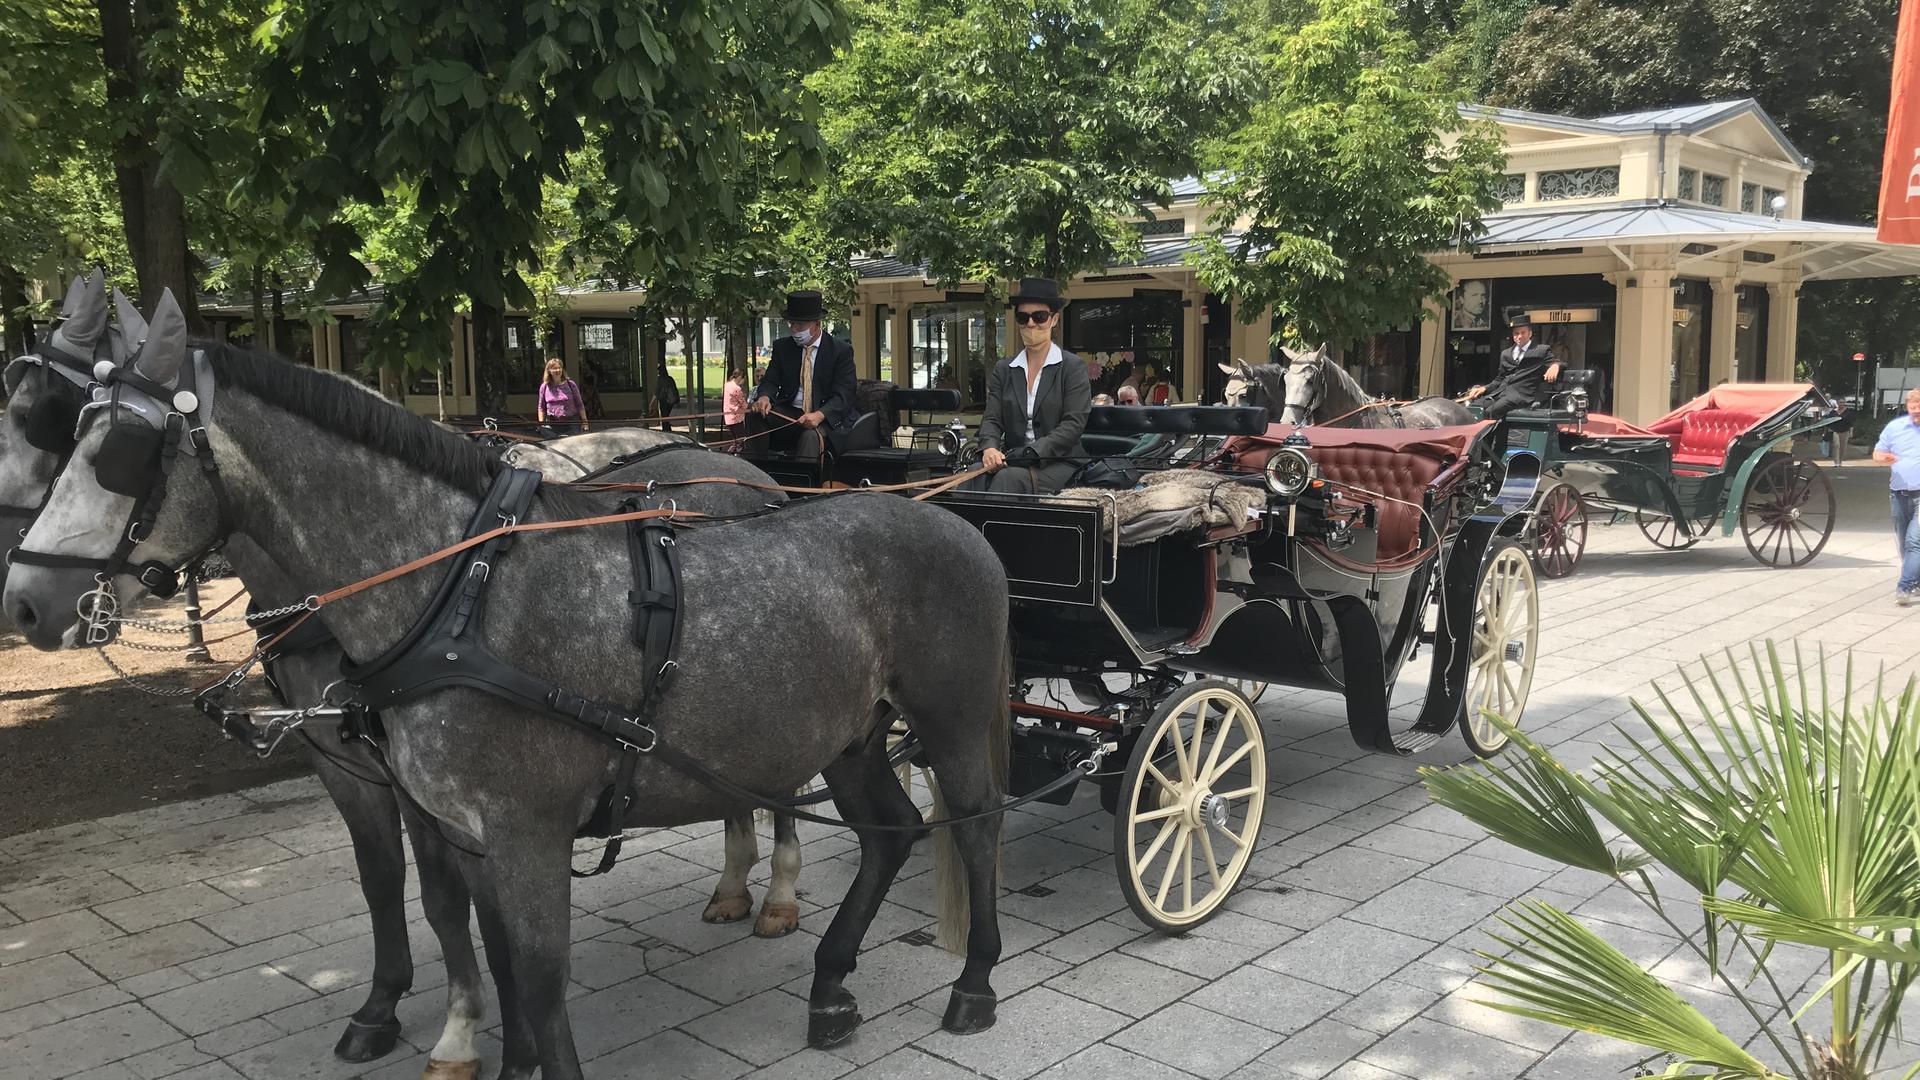 Sabrina Möller, Chefin der Kutschfahrten Baden-Baden, mit ihren drei Pferdekutschen vor den Kurhaus-Kolonnaden